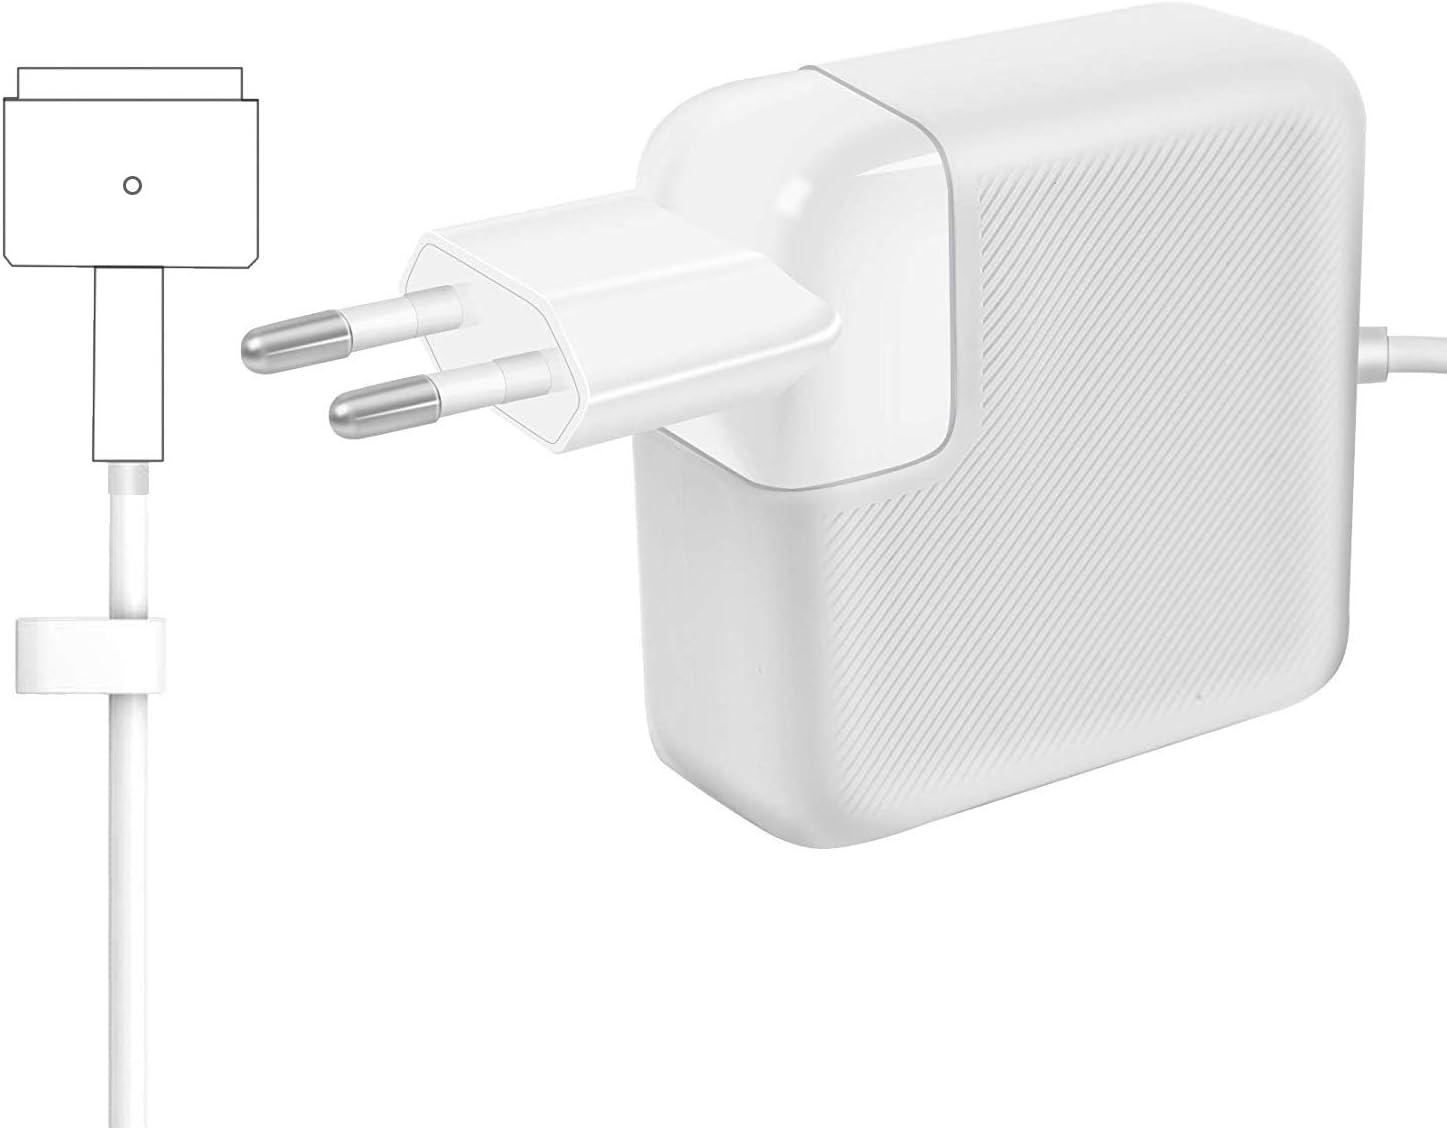 AndMore Cargador Compatible con MacBook Pro/Air 85W, Cargador MacBook, MagSafe 2 Forma de T Adaptador de Corriente Funciona con los Macbook 45W/60W/85W-13 15